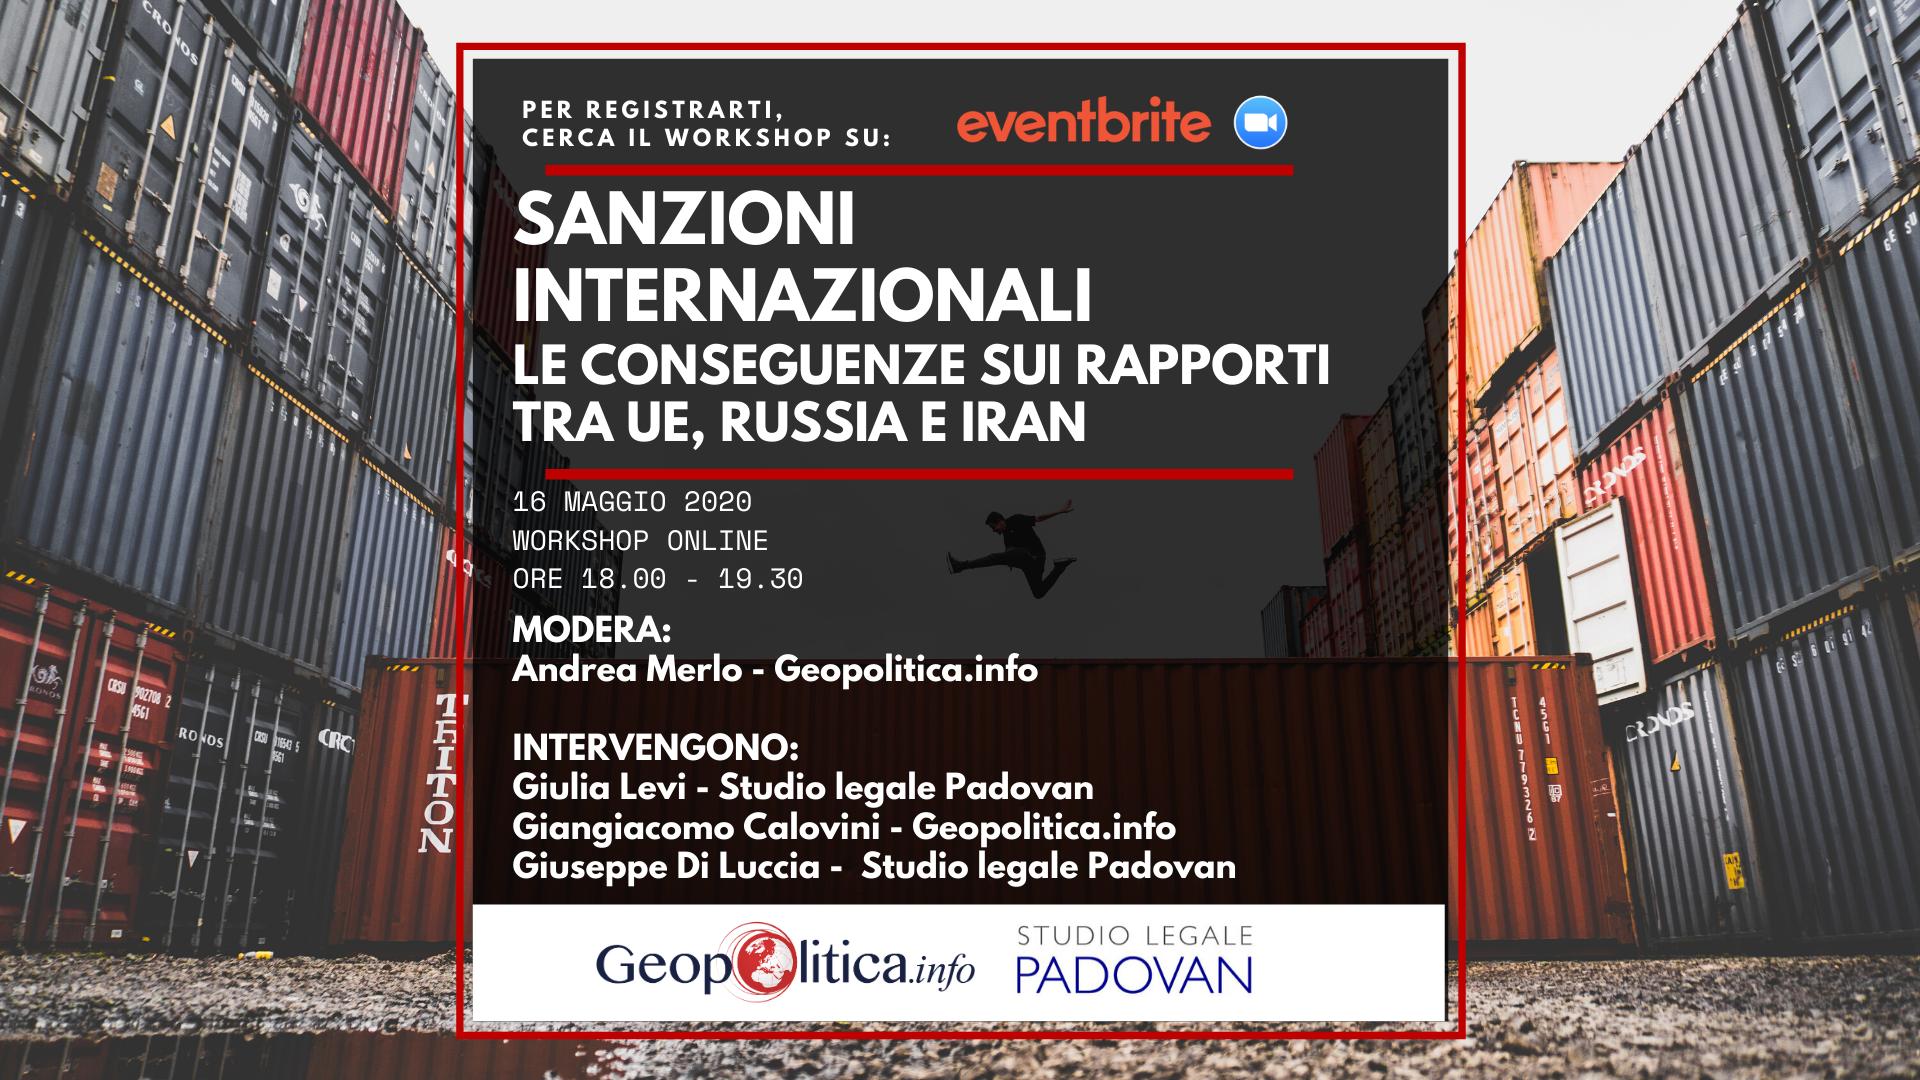 """Workshop online """"Sanzioni internazionali: le conseguenze sui rapporti tra UE, Russia e Iran"""" – 16/5/2020, h. 18 - Geopolitica.info"""